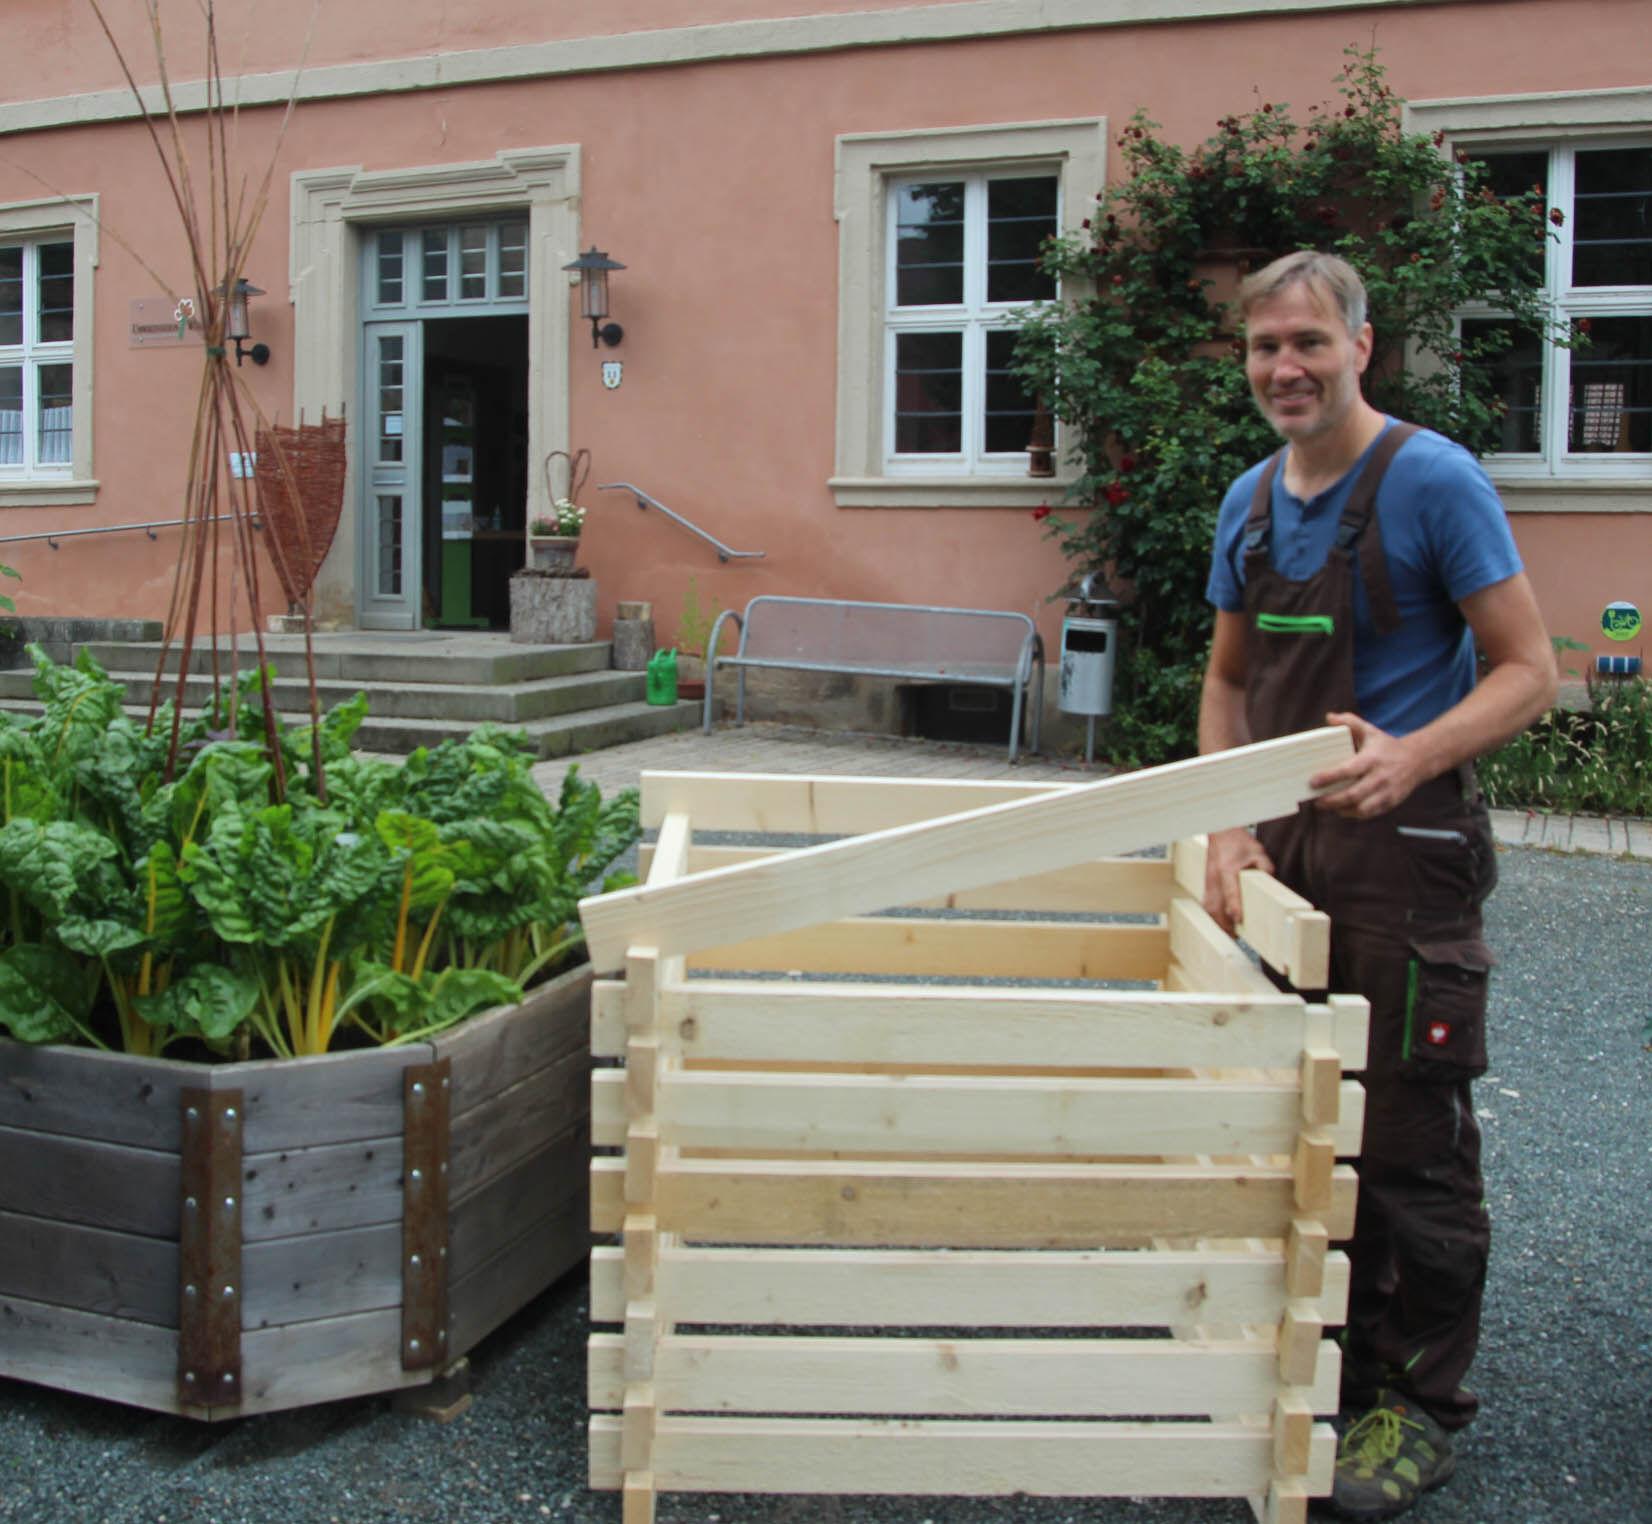 Der robuste Holzkomposter, den der Landkreis Lichtenfels anbietet, besteht aus fünf Zentimeter breiten Kanthölzern und ist im Stecksystem ganz einfach